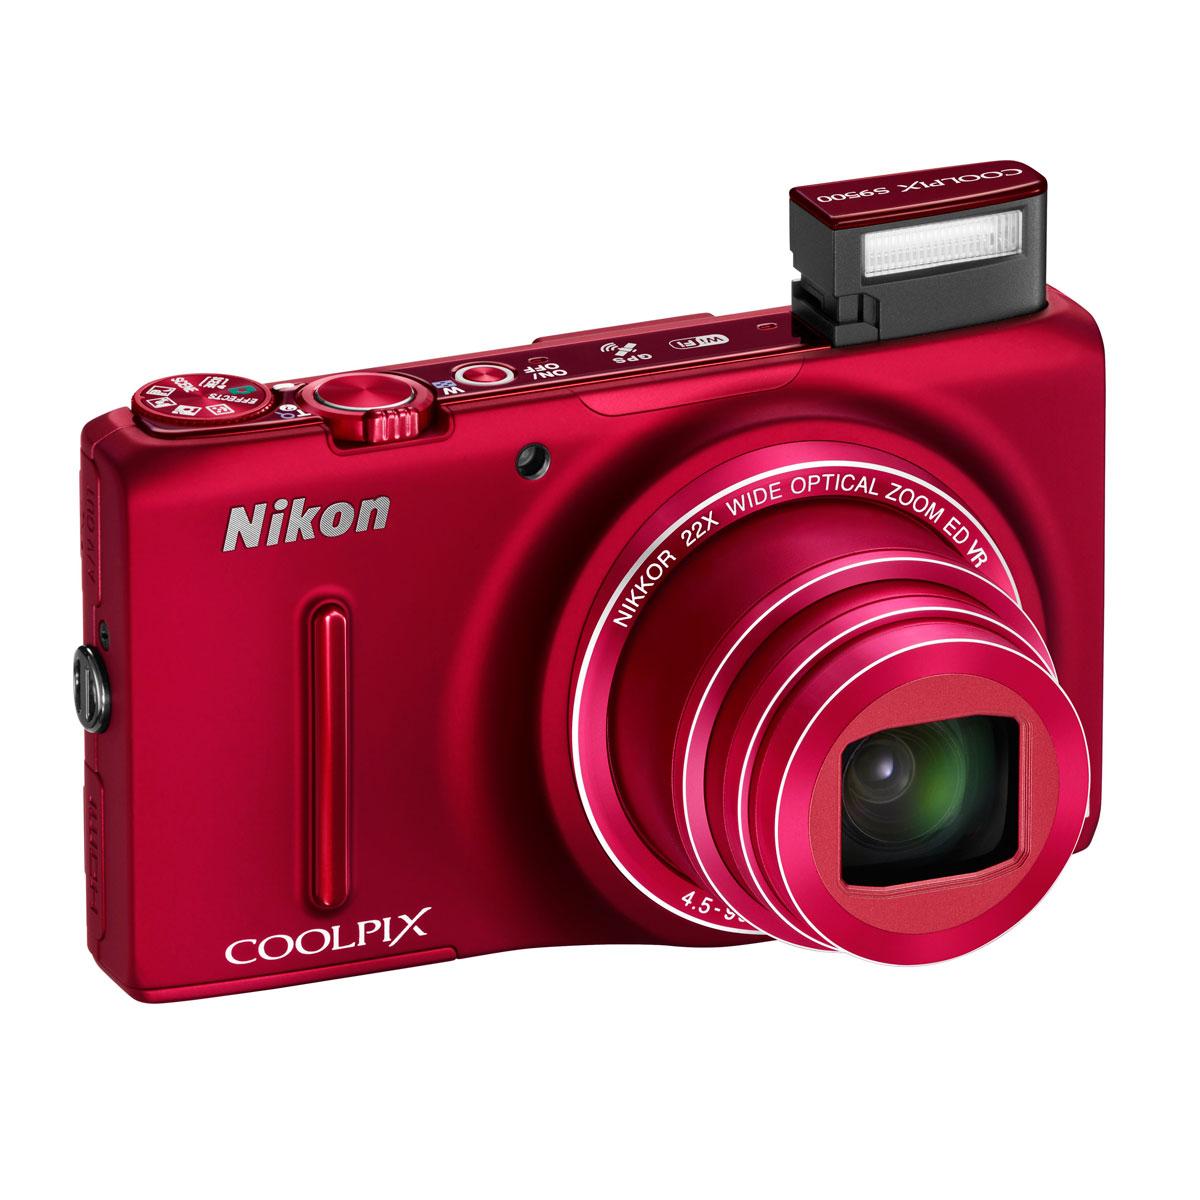 nikon coolpix s9500 rouge appareil photo num rique nikon sur. Black Bedroom Furniture Sets. Home Design Ideas